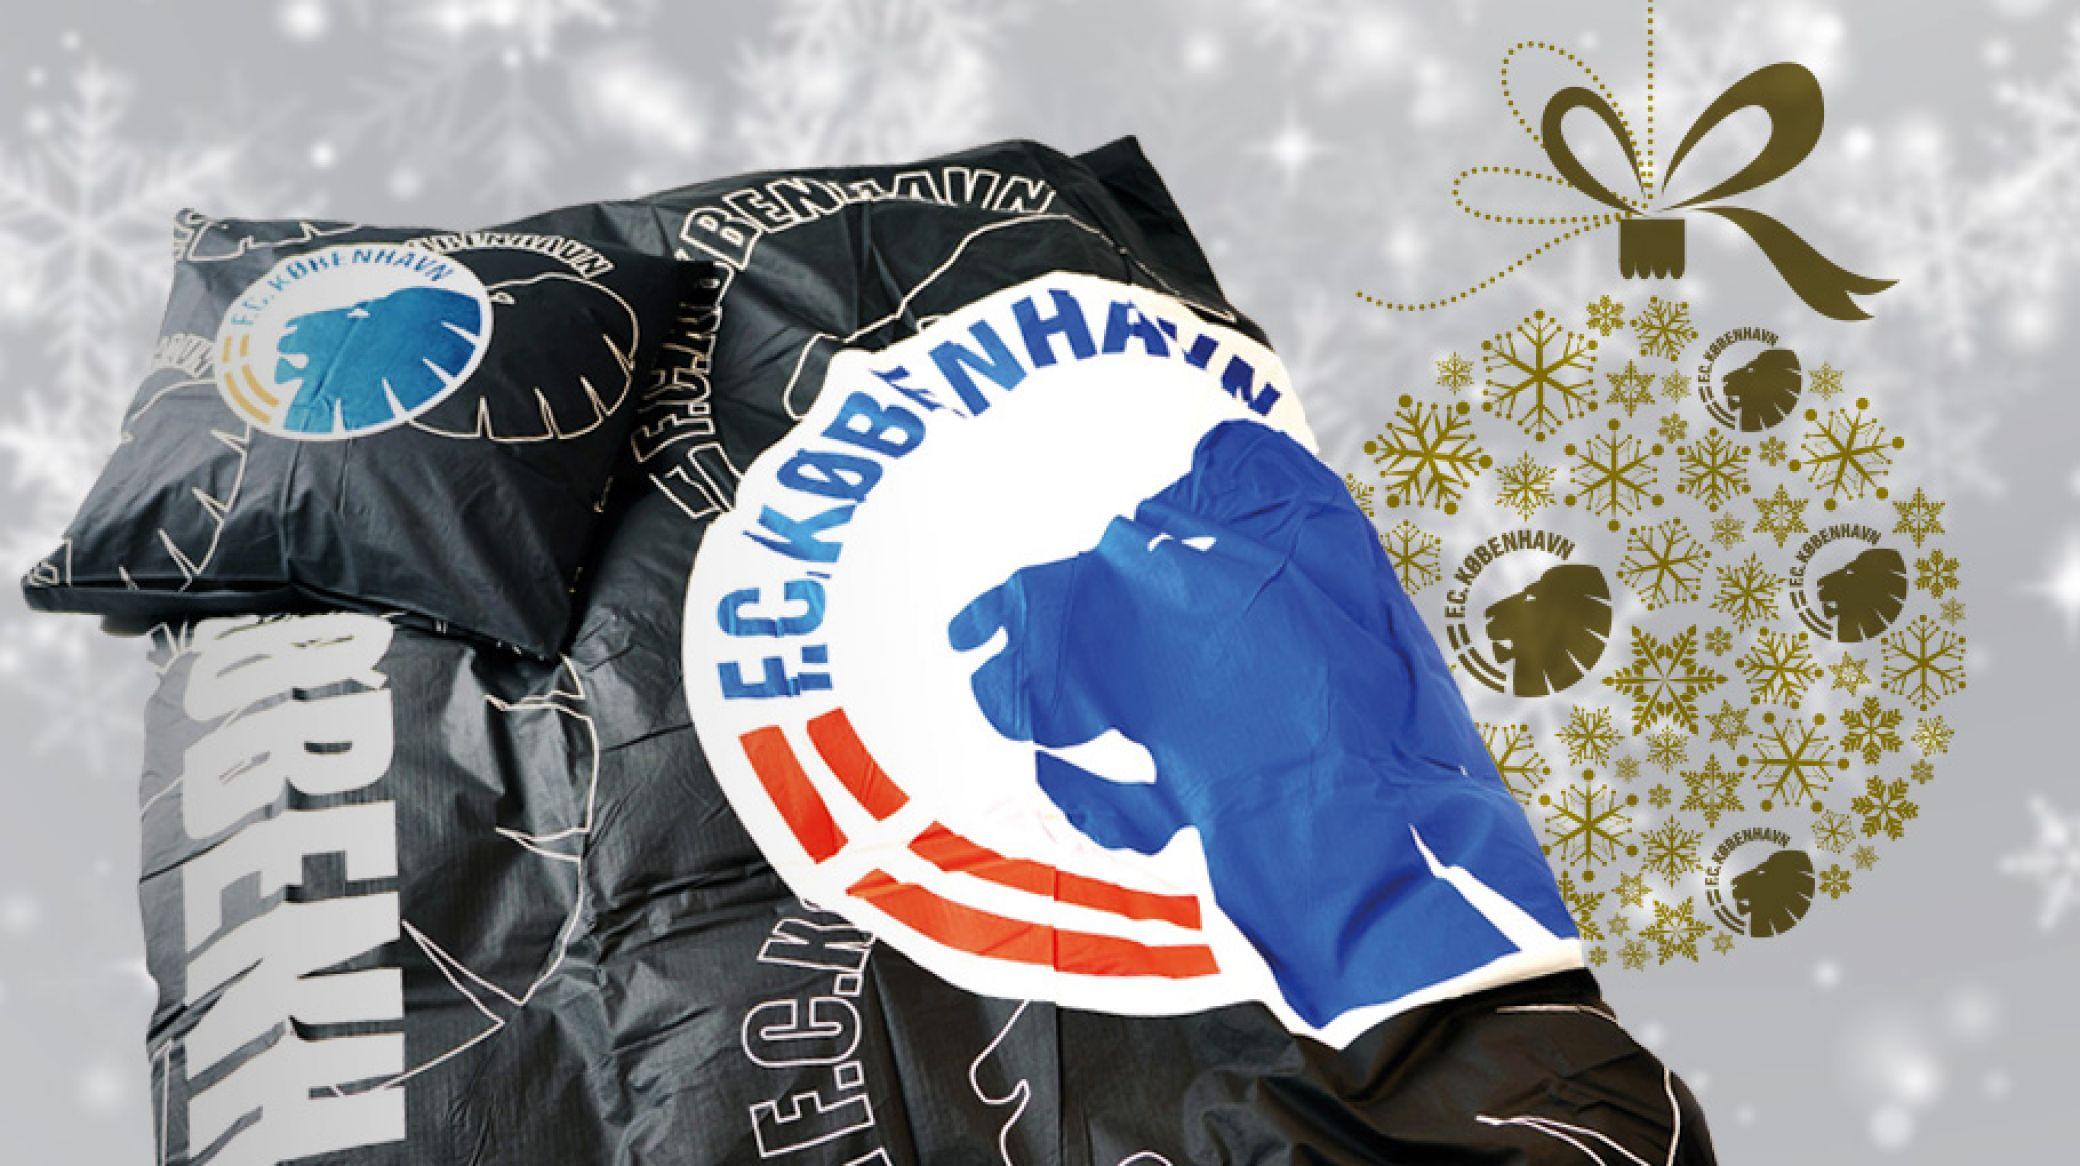 fck sengetøj Dagens julegavetip: Sengelinned med logo | F.C. København fck sengetøj